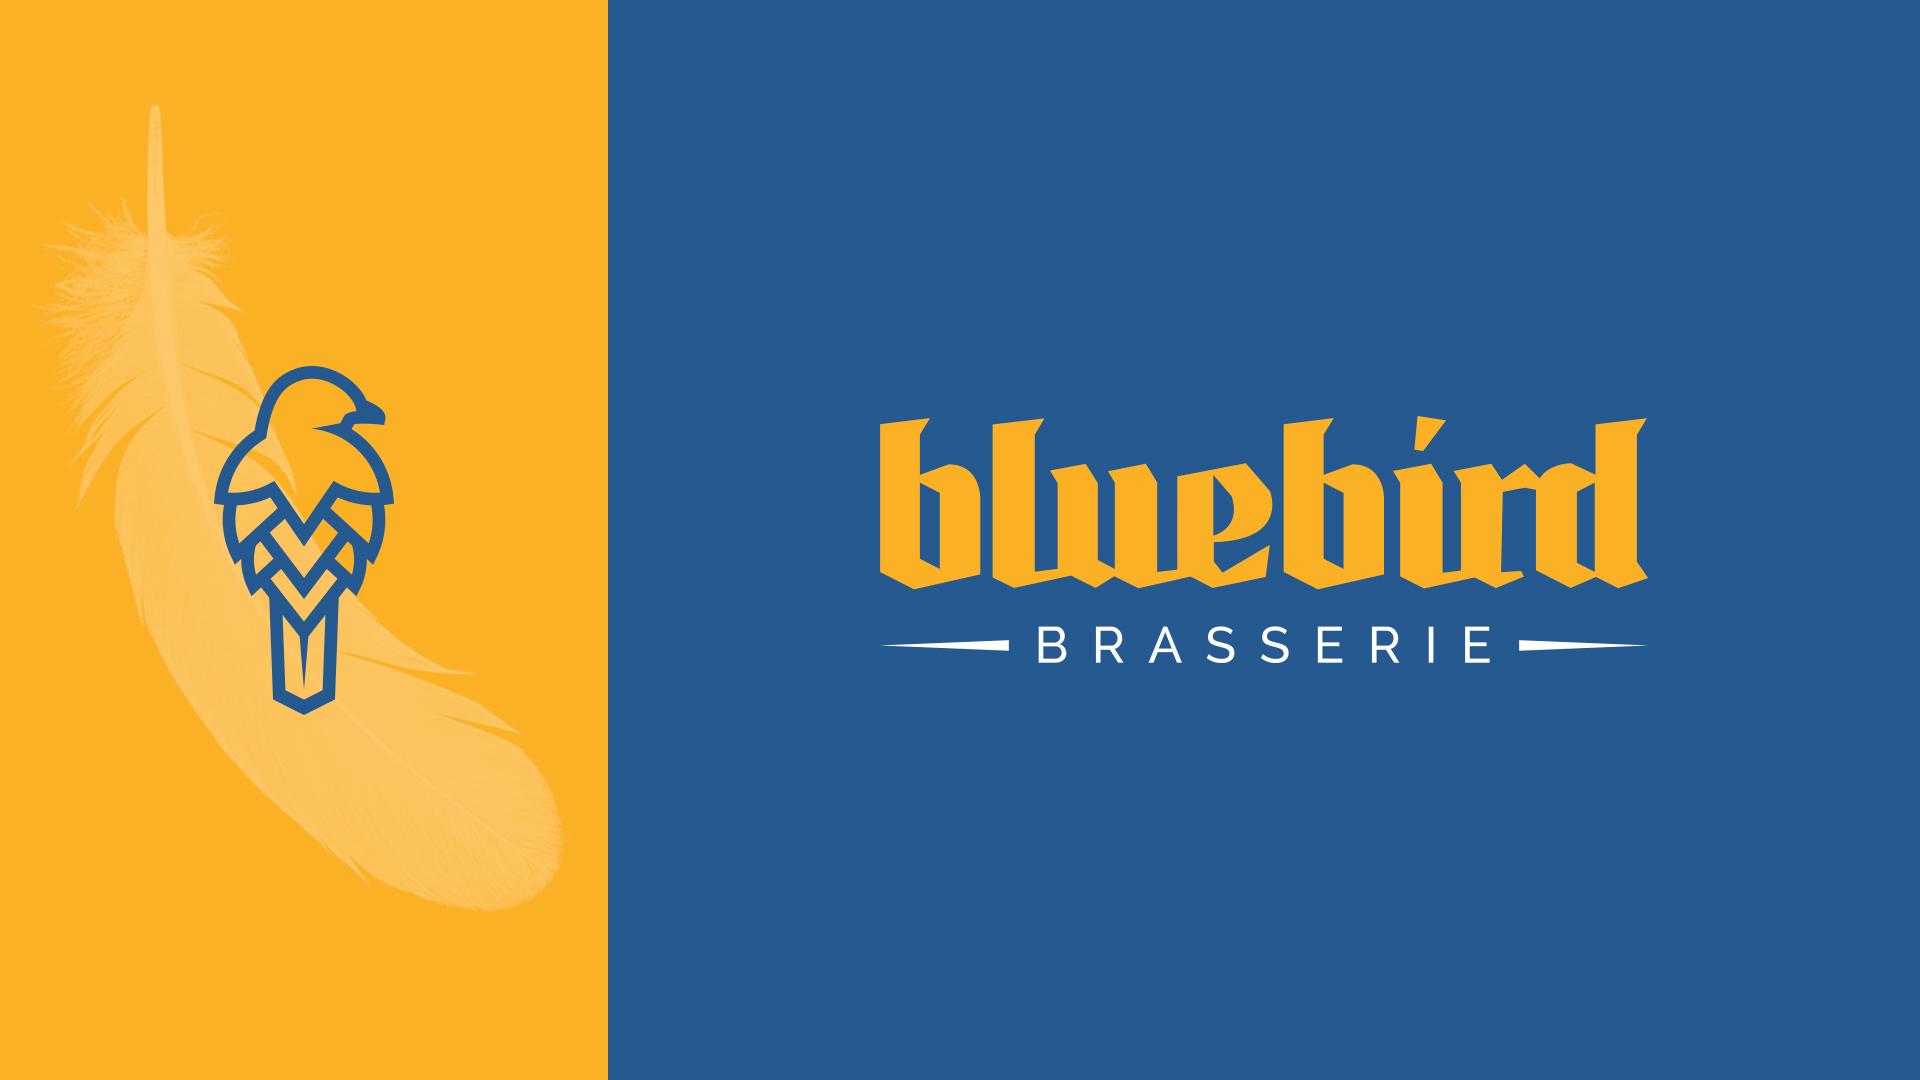 ABC_bluebird